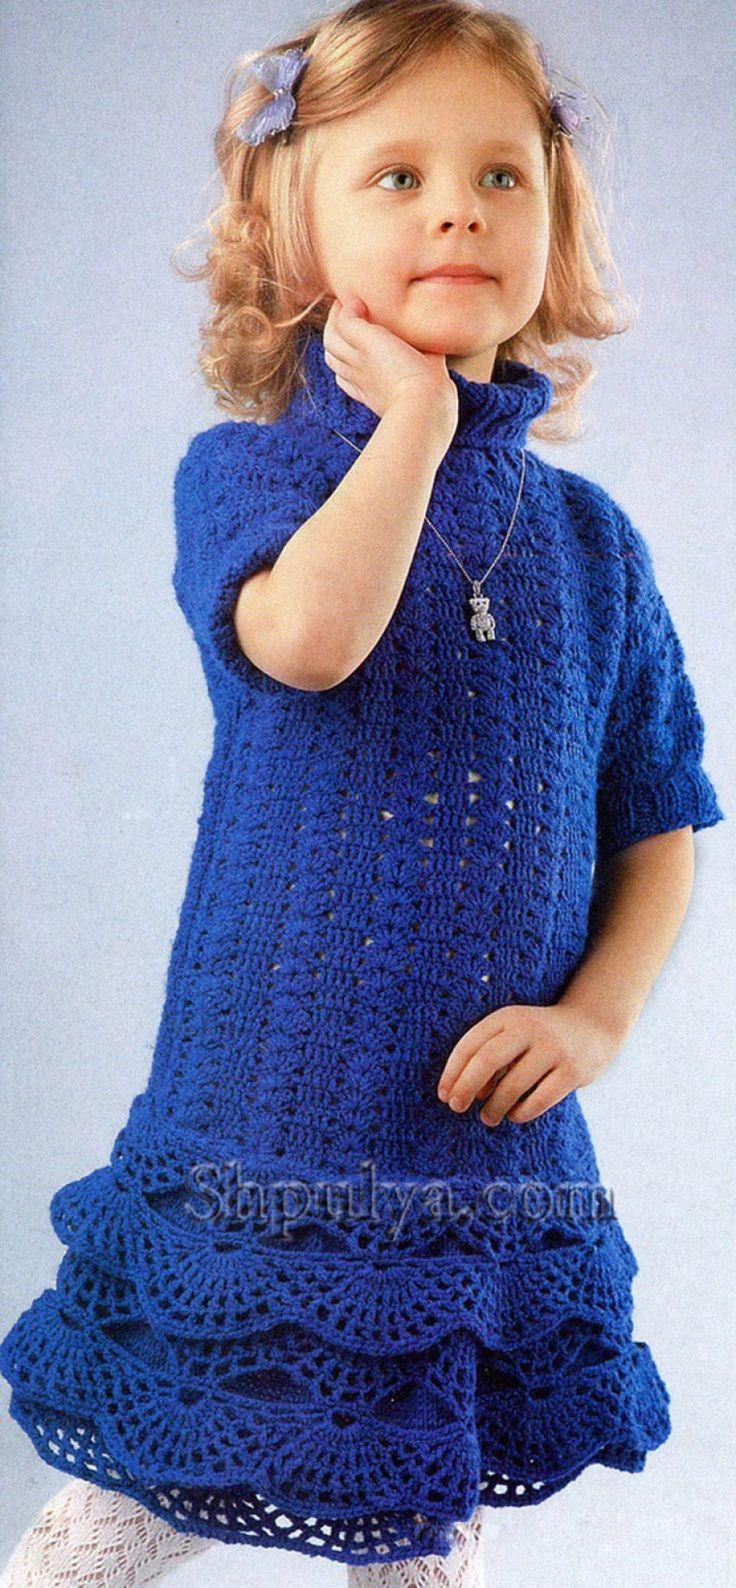 Синее ажурное платье для девочки, вязаное спицами и крючком